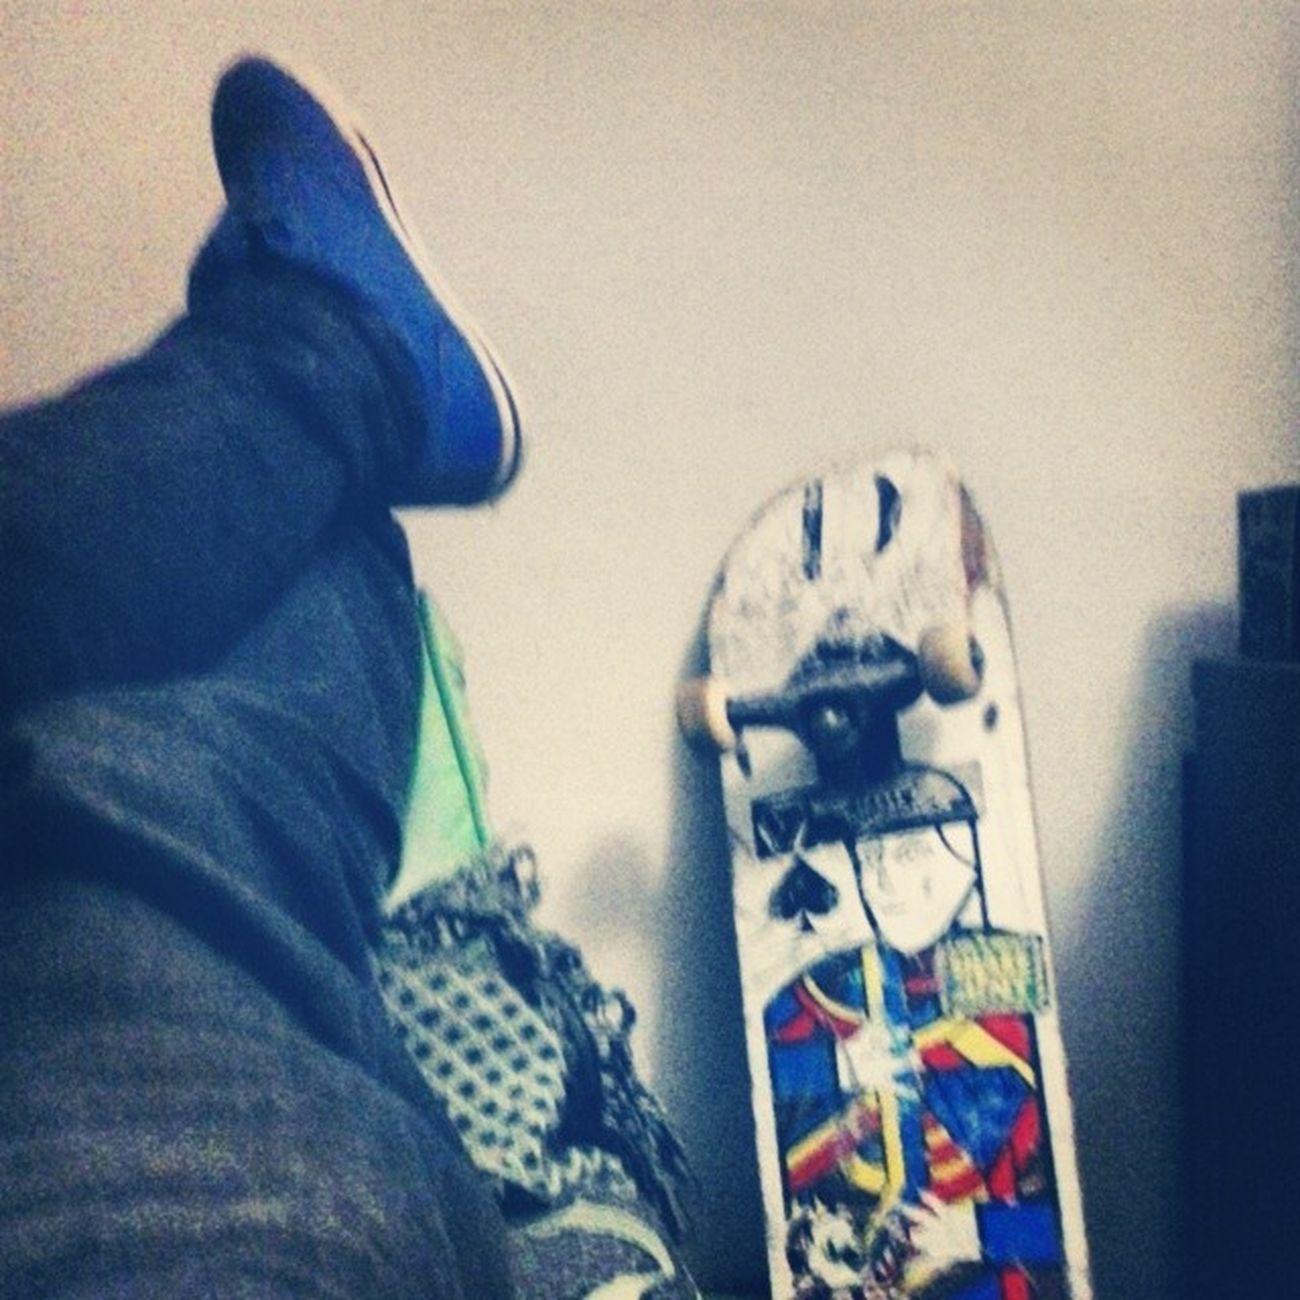 Rolé hooj foi pesado ... Skate Skateordead Skateboad ..